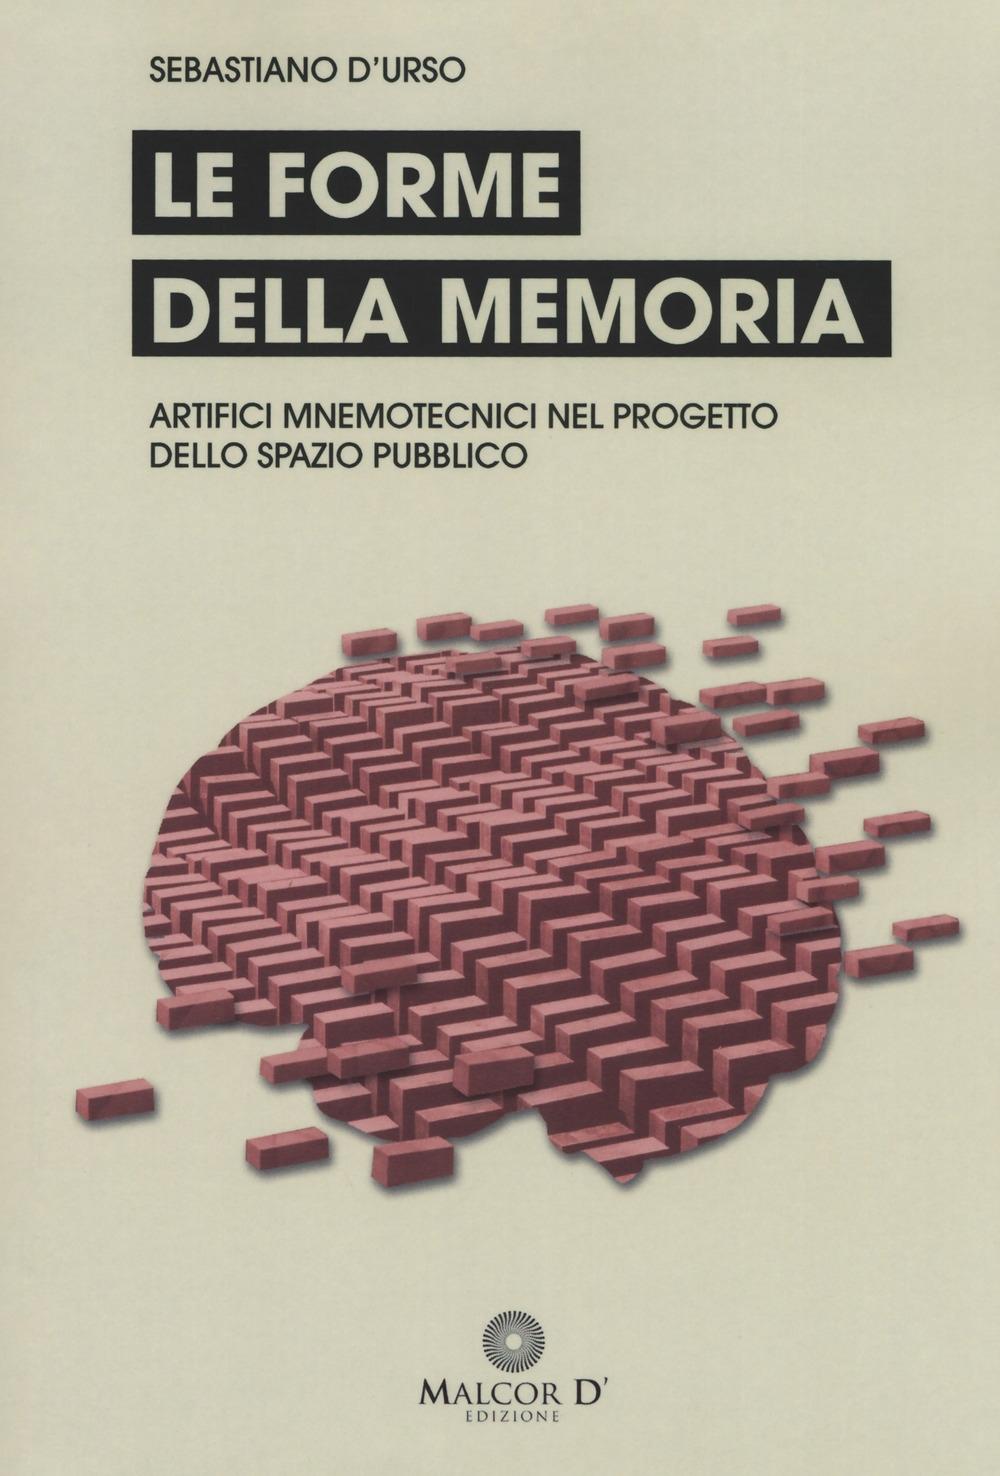 Le forme della memoria. Artifici mnemotecnici nel progetto dello spazio pubblico